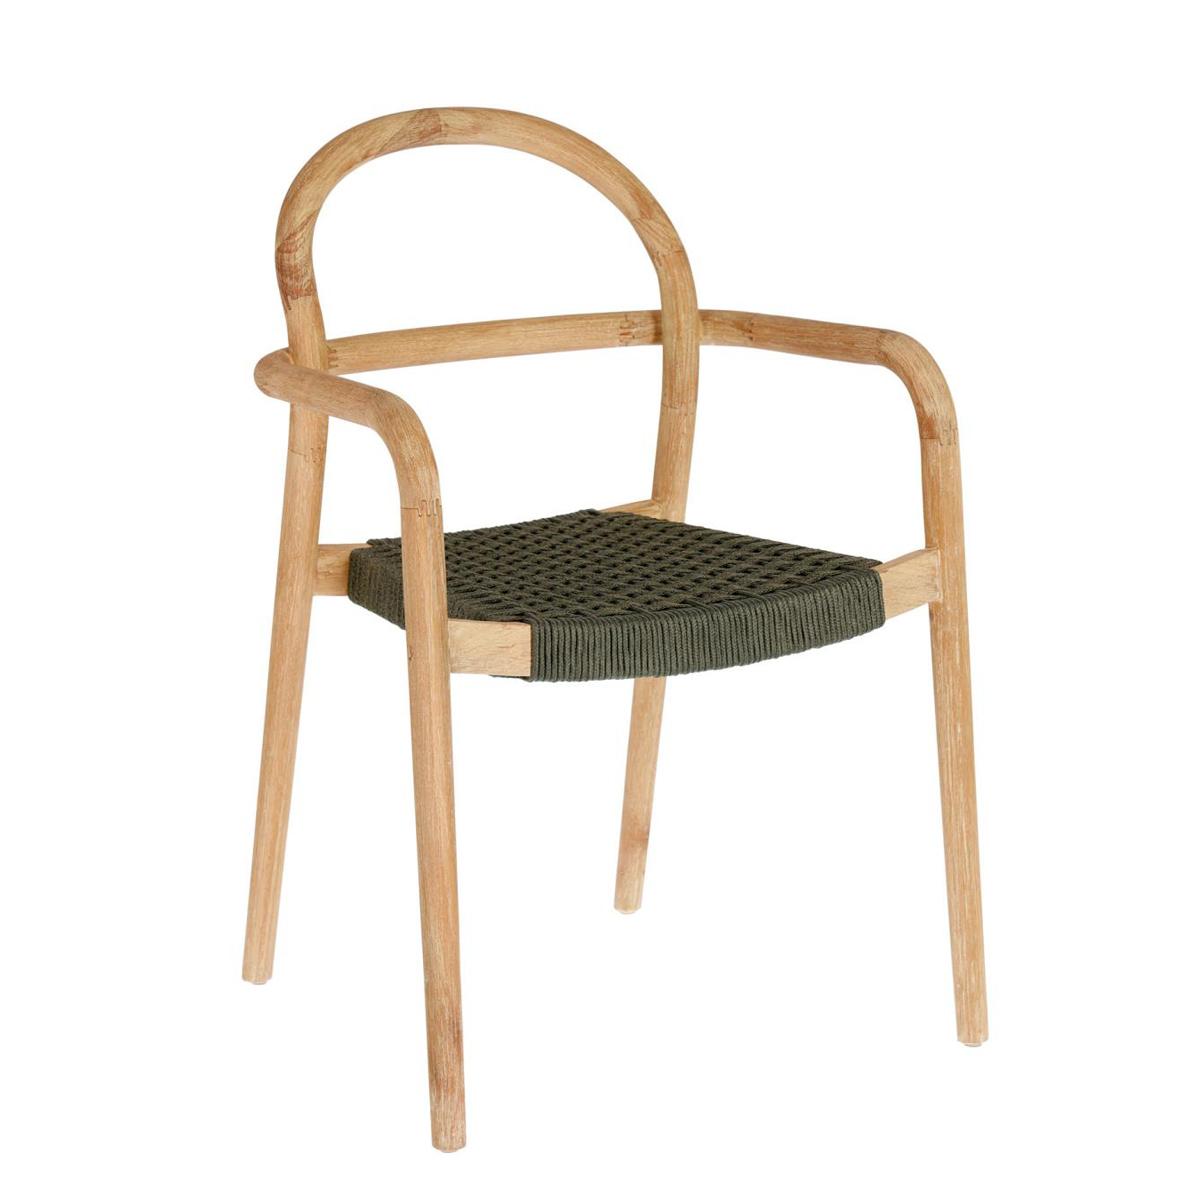 Chaise tressée en corde plate - Vert - H 83 x 57 cm